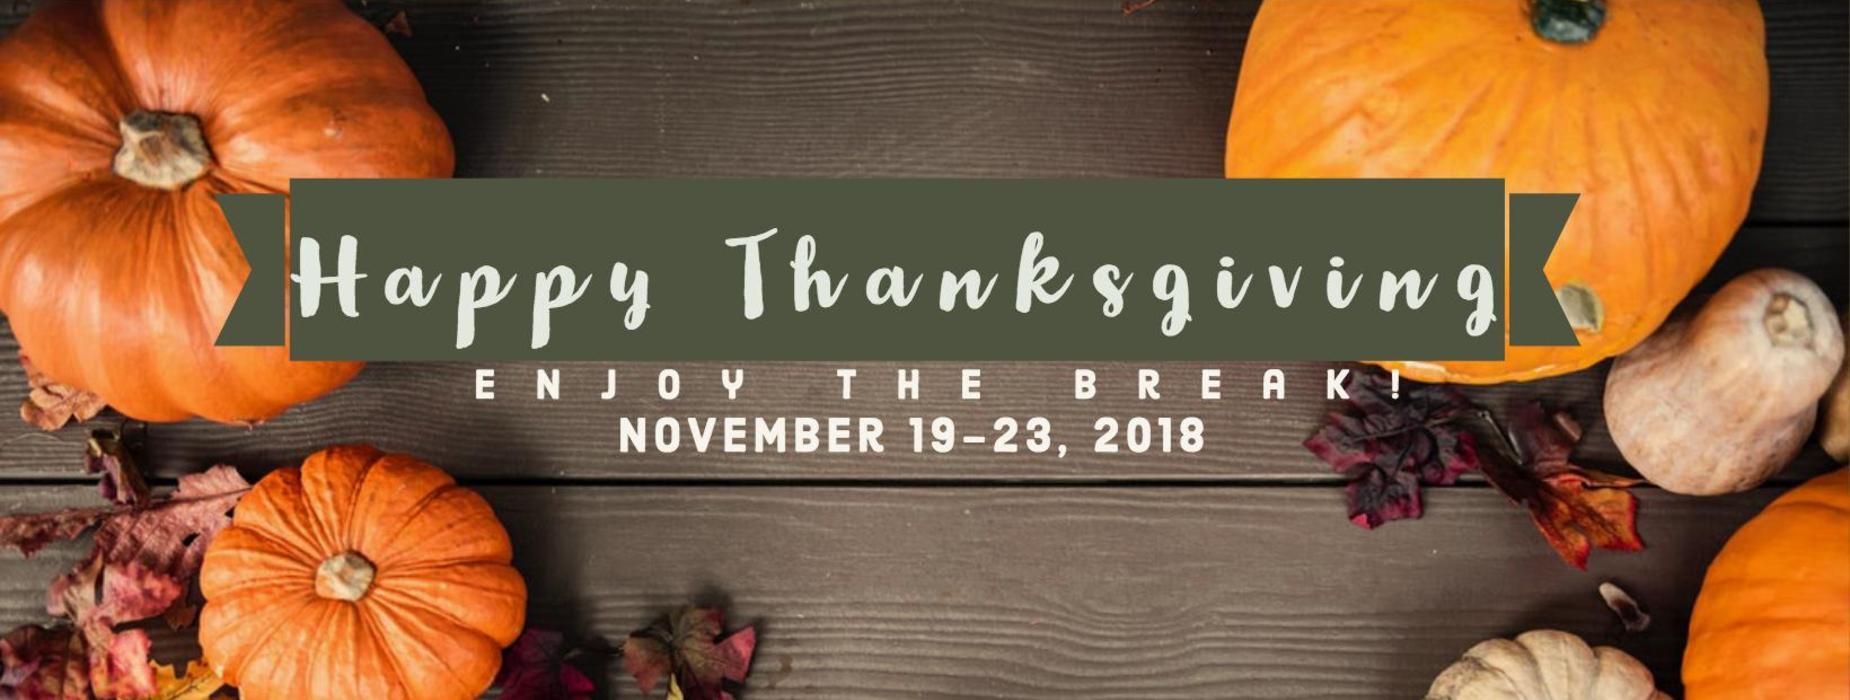 Thanksgiving break November 19-23, 2018